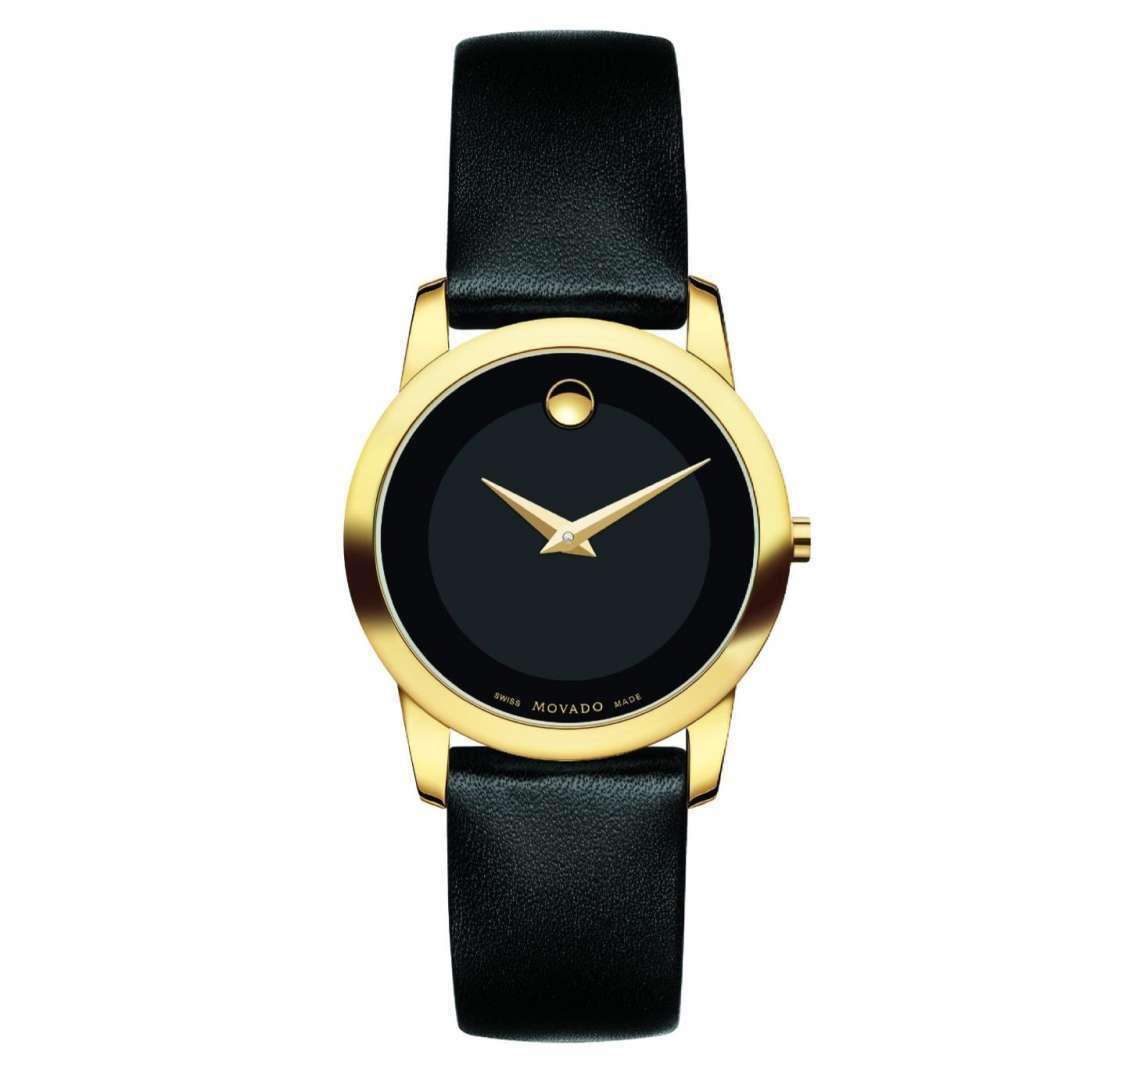 שעון יד אנלוגי 0606877 Movado מובאדו